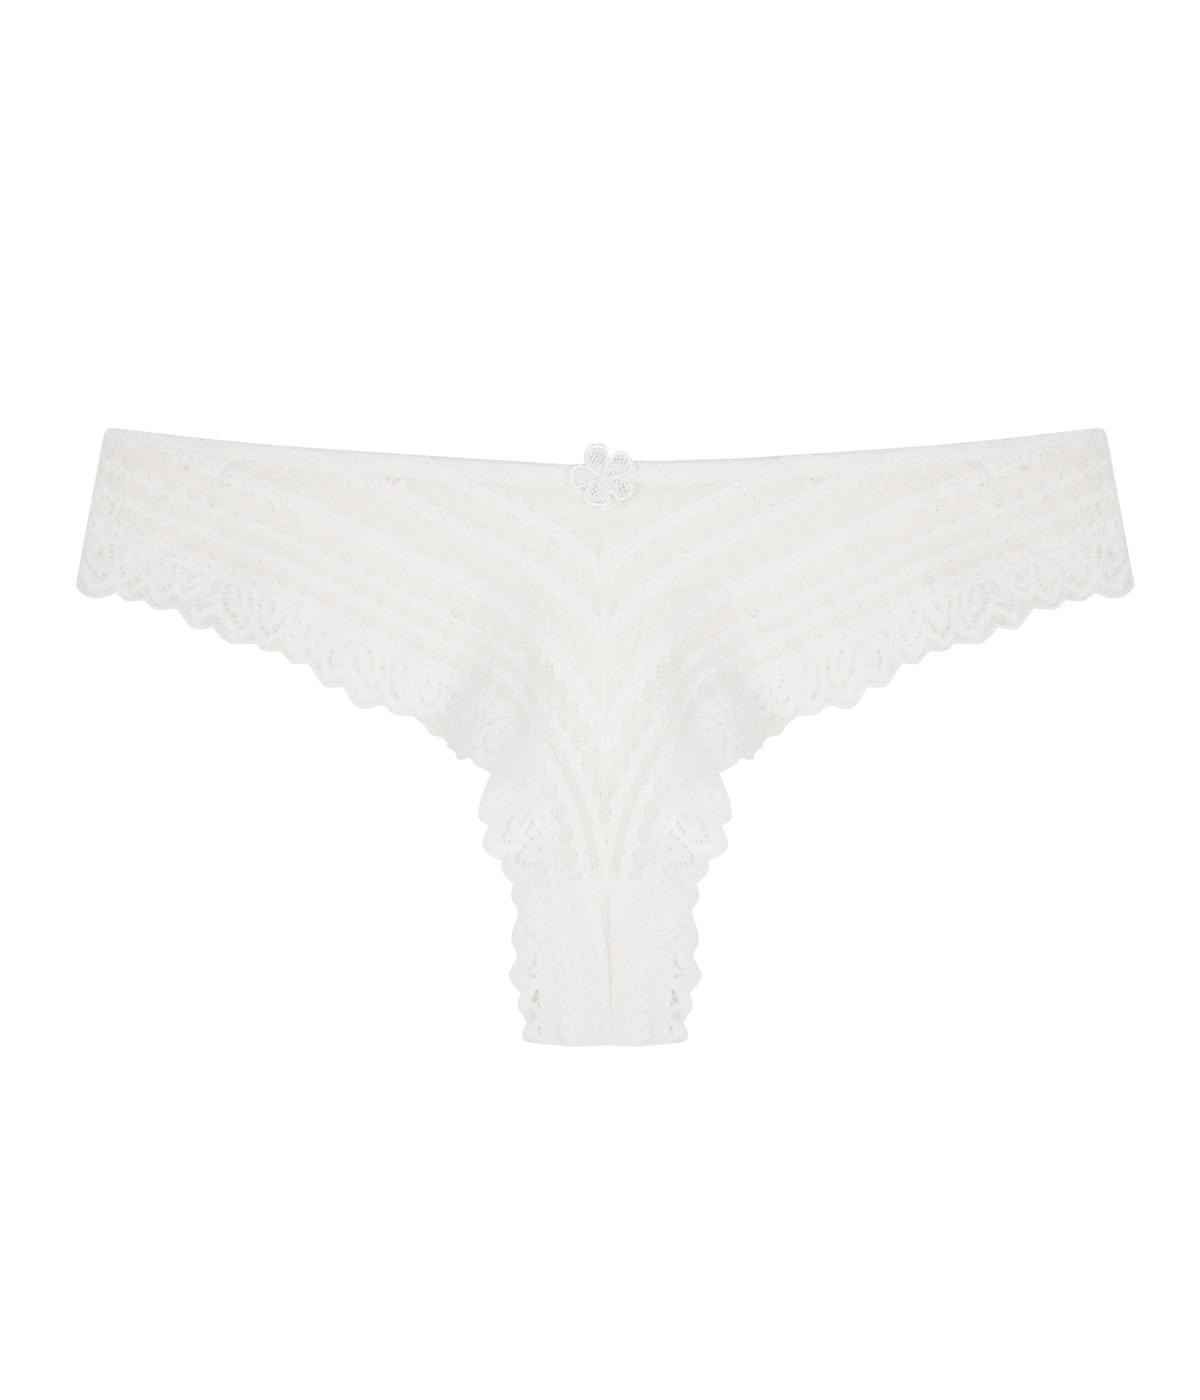 Flori Brazilian Panties